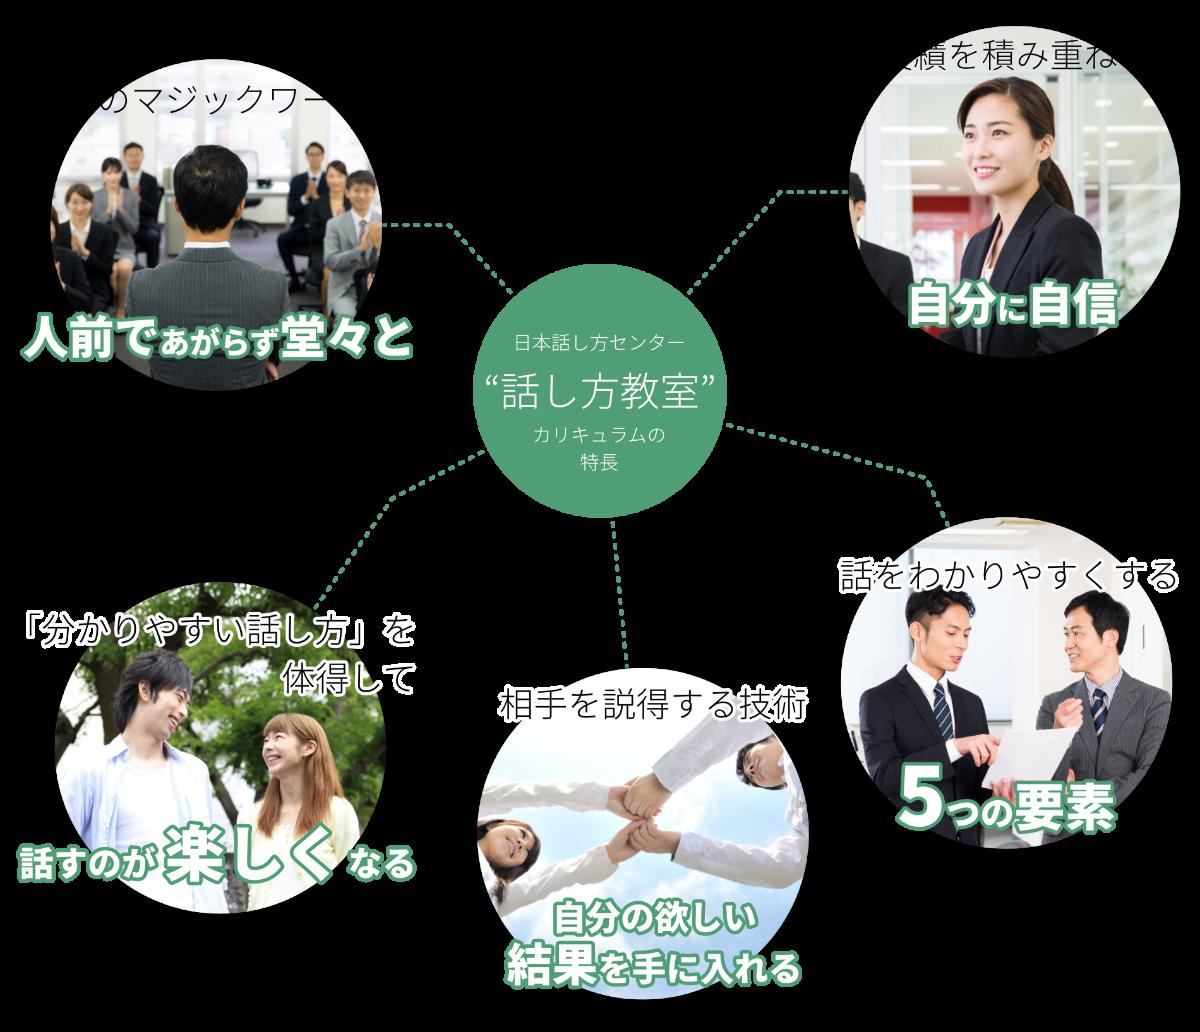 日本話し方センターのカリキュラムは、6つのマジックワードや、話を分かりやすくする5つの要素など、誰でも身に付けられるよう、分かりやすく体系化されています。